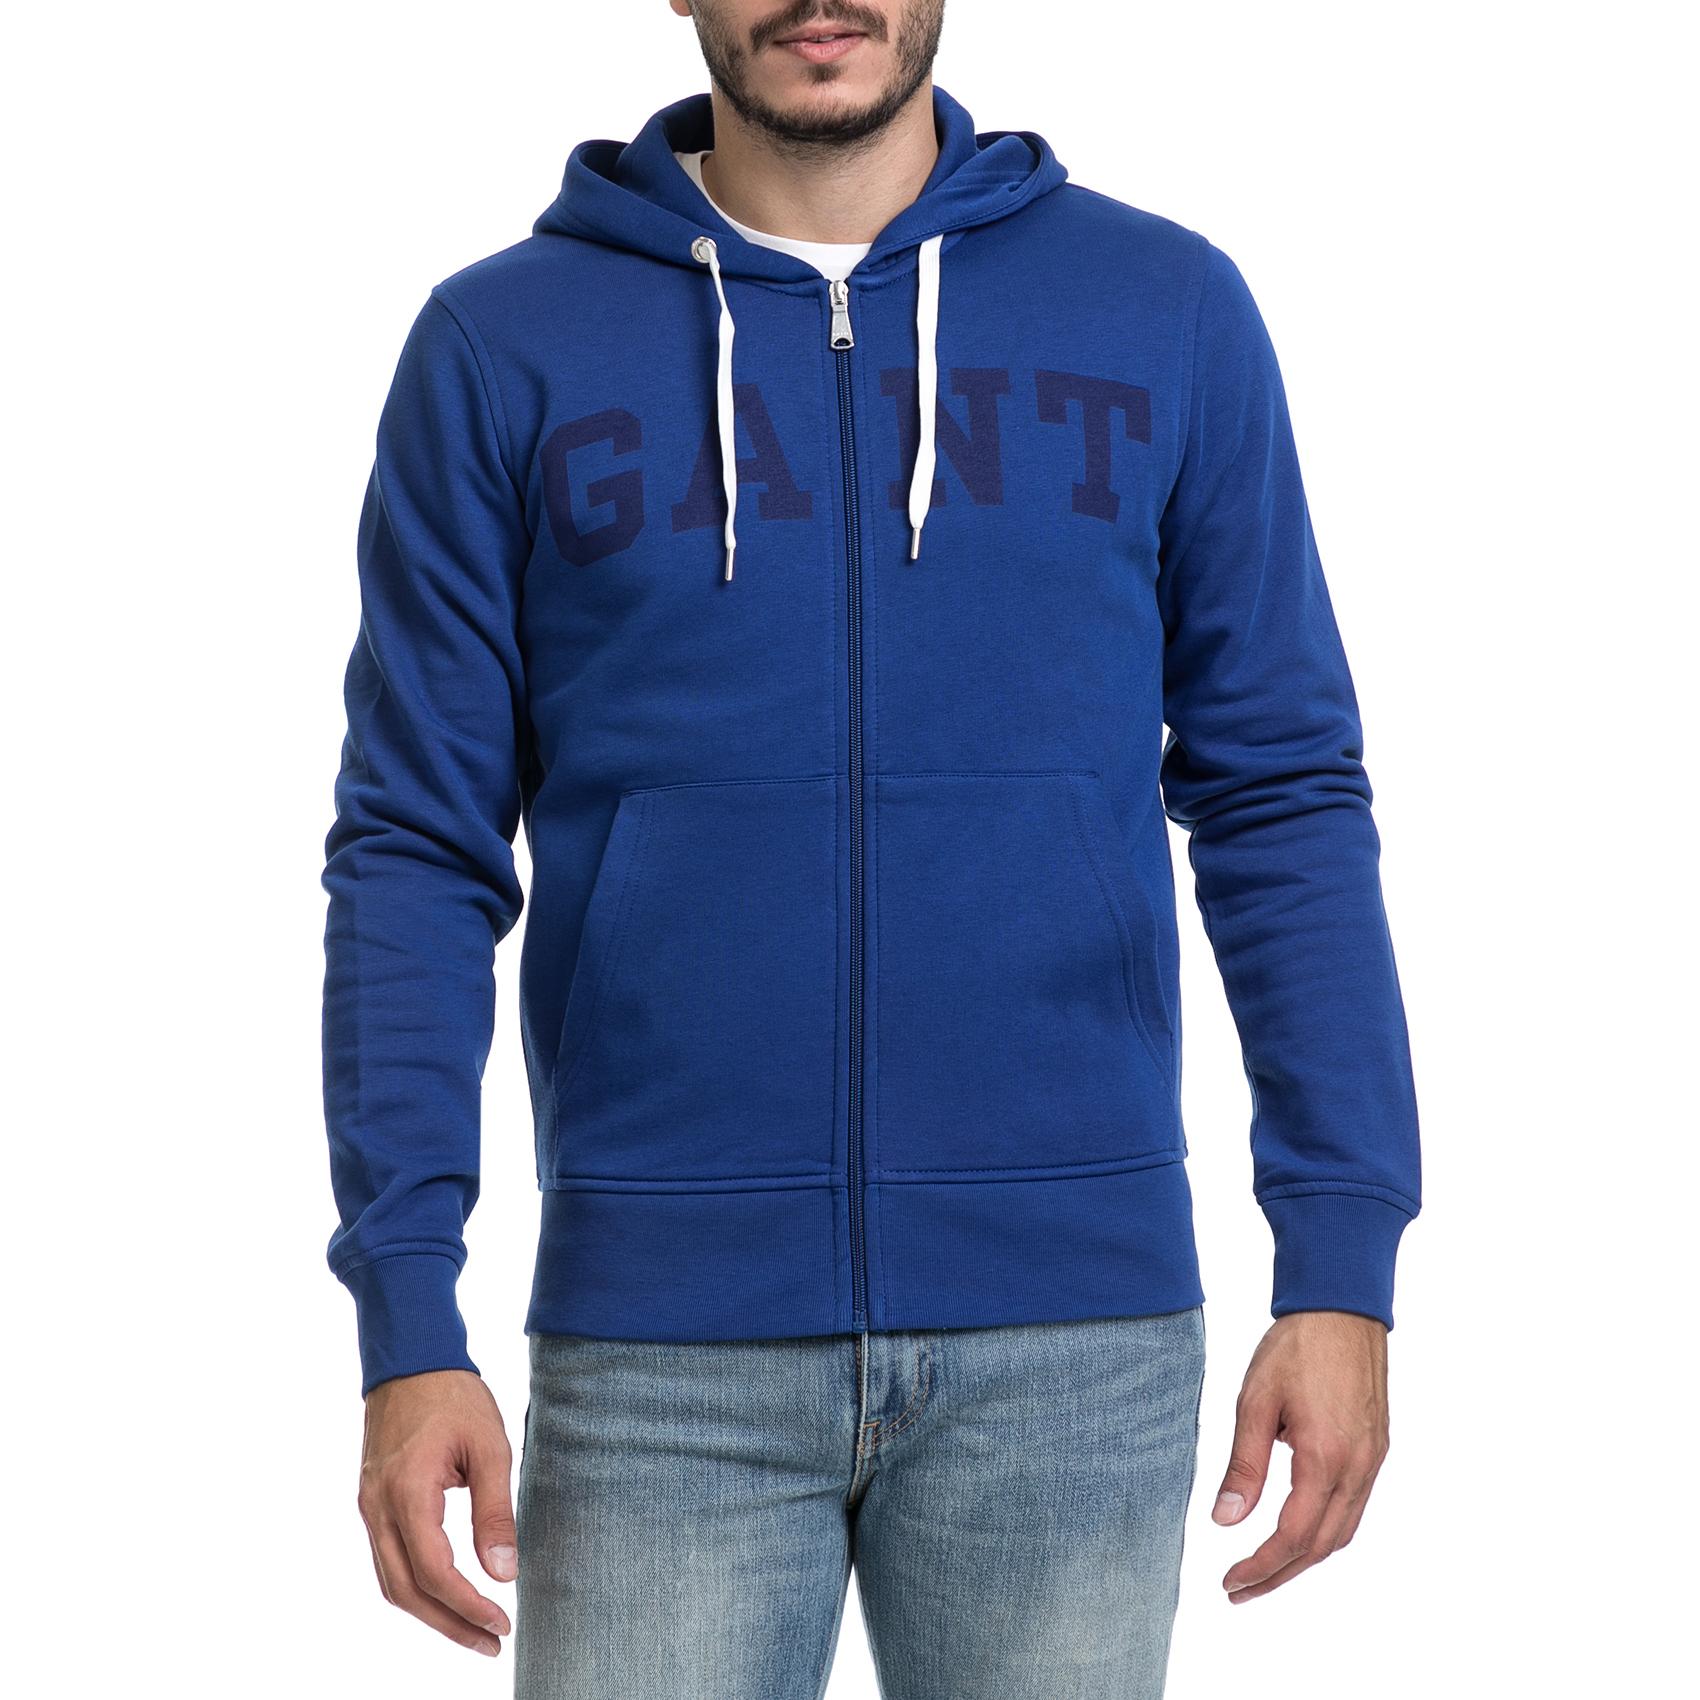 GANT – Ανδρική ζακέτα φούτερ GANT μπλε